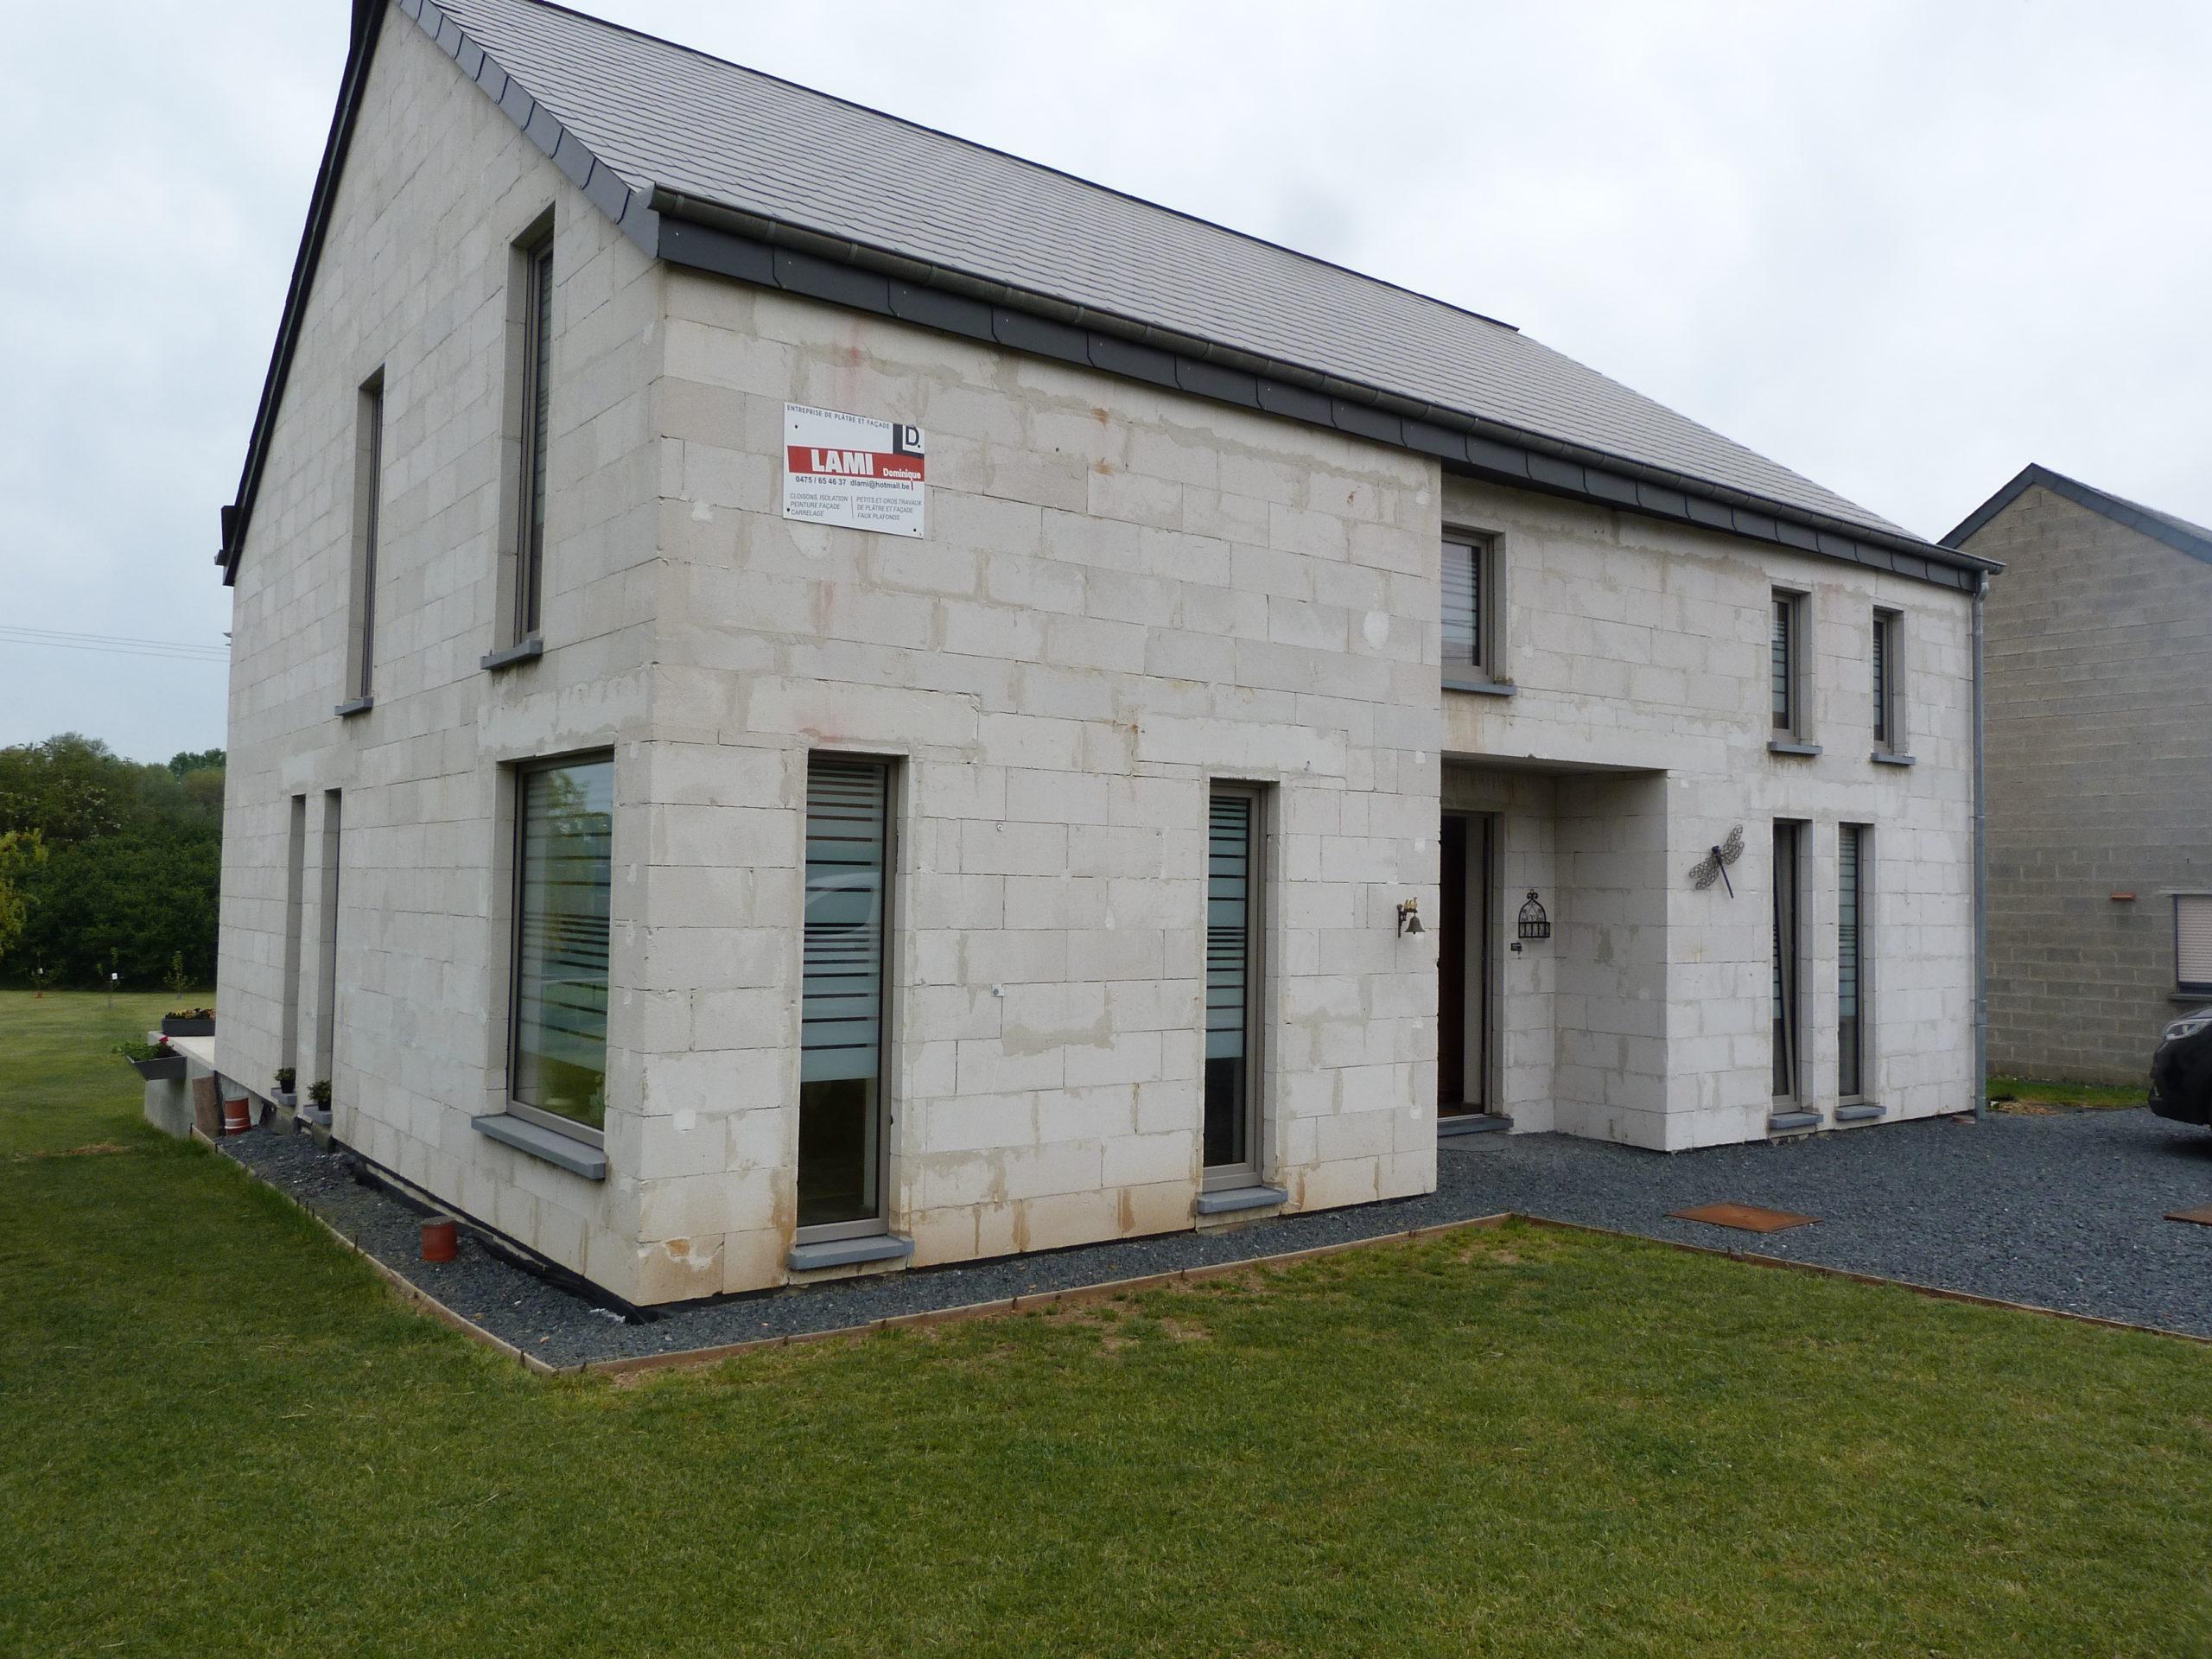 Maison 4 façades à St Mard (1)